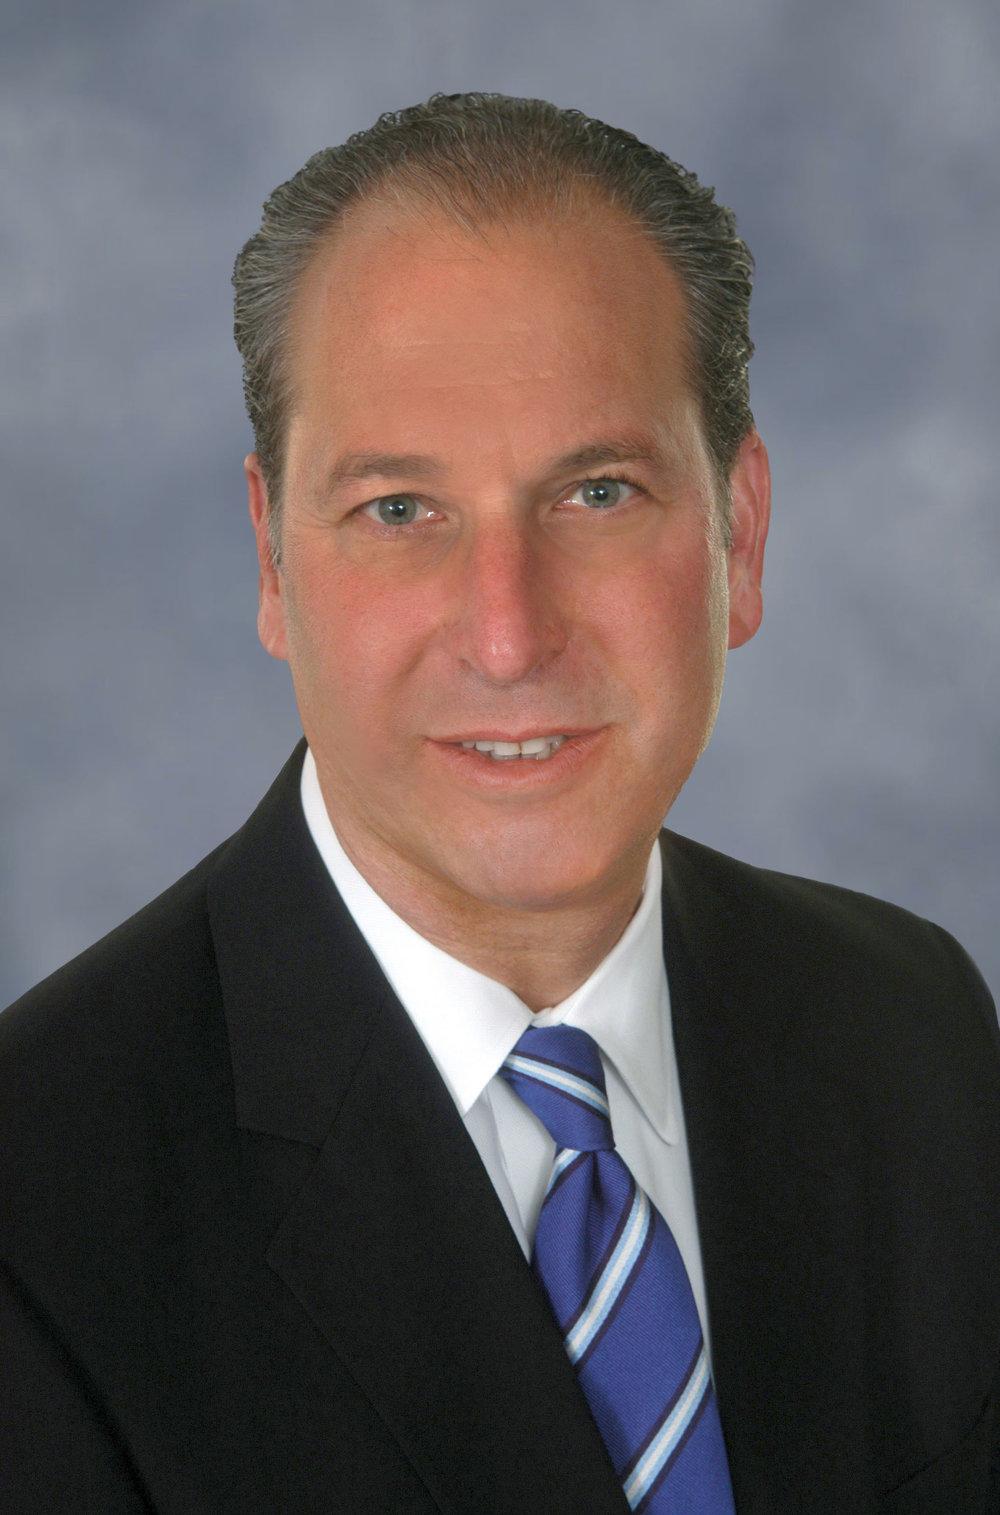 Steve Rachman